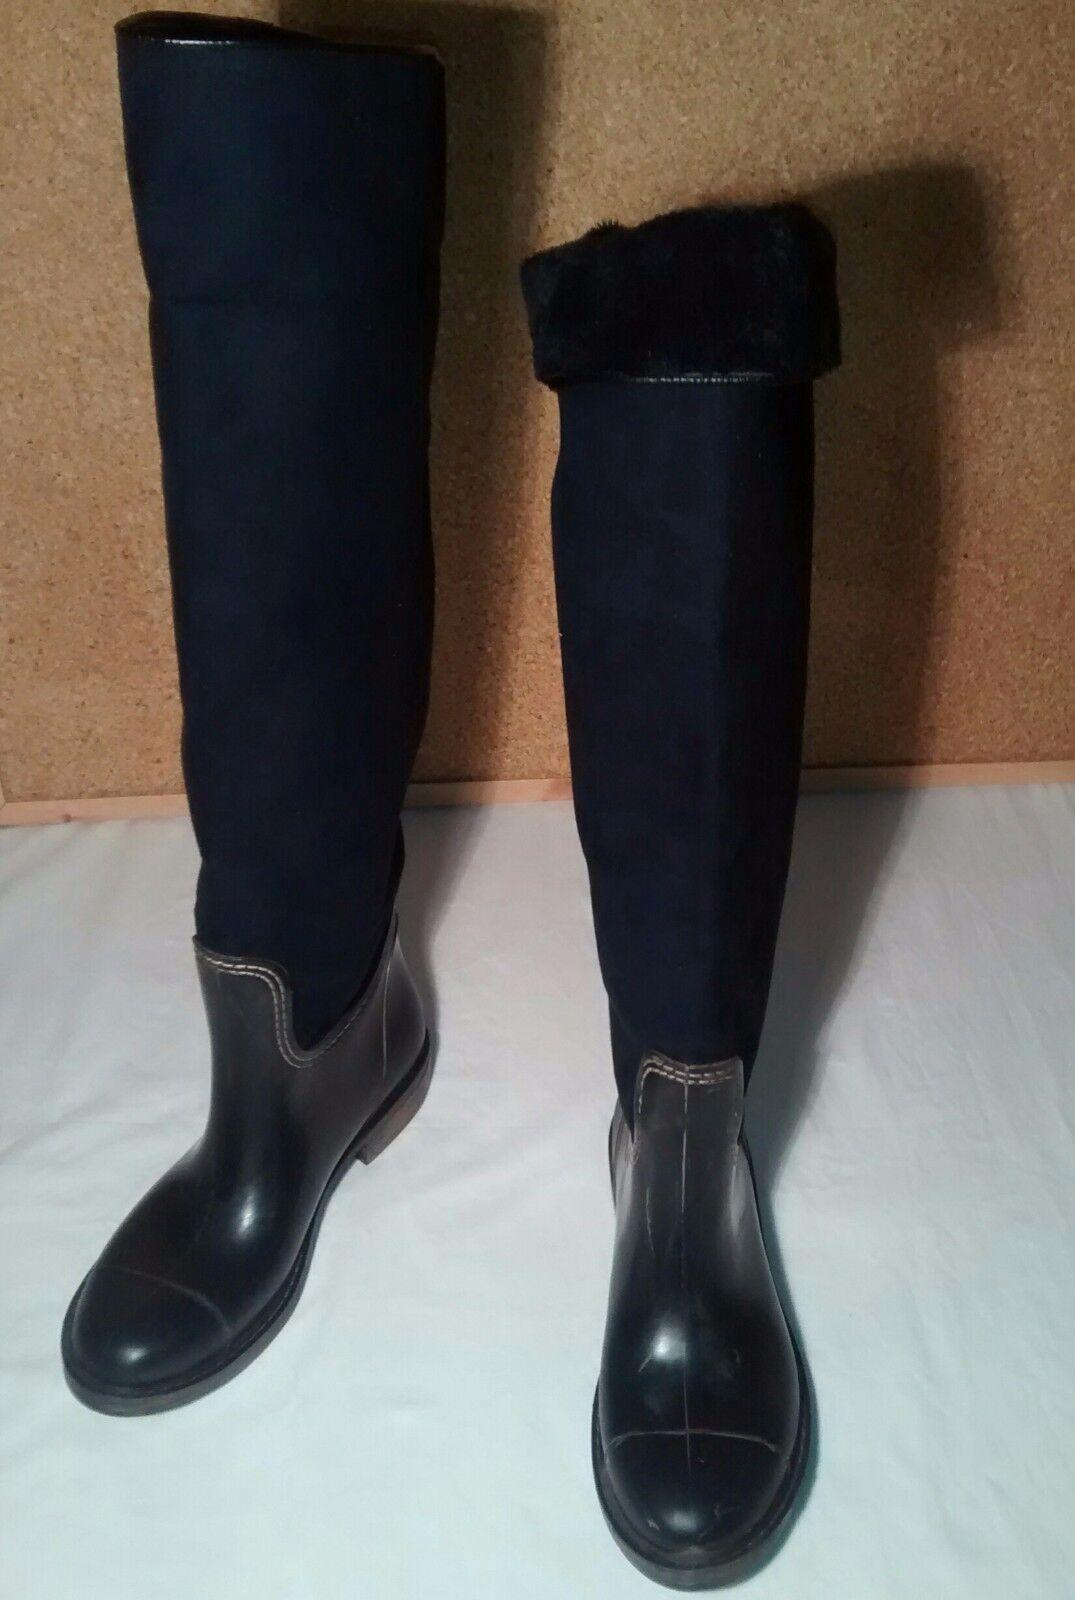 Il 7 8 Kurt Geiger su o sopra il o ginocchio o il Ginocchio in Pelle Scamosciata Pelliccia Stivali Invernali In Gomma ad9720